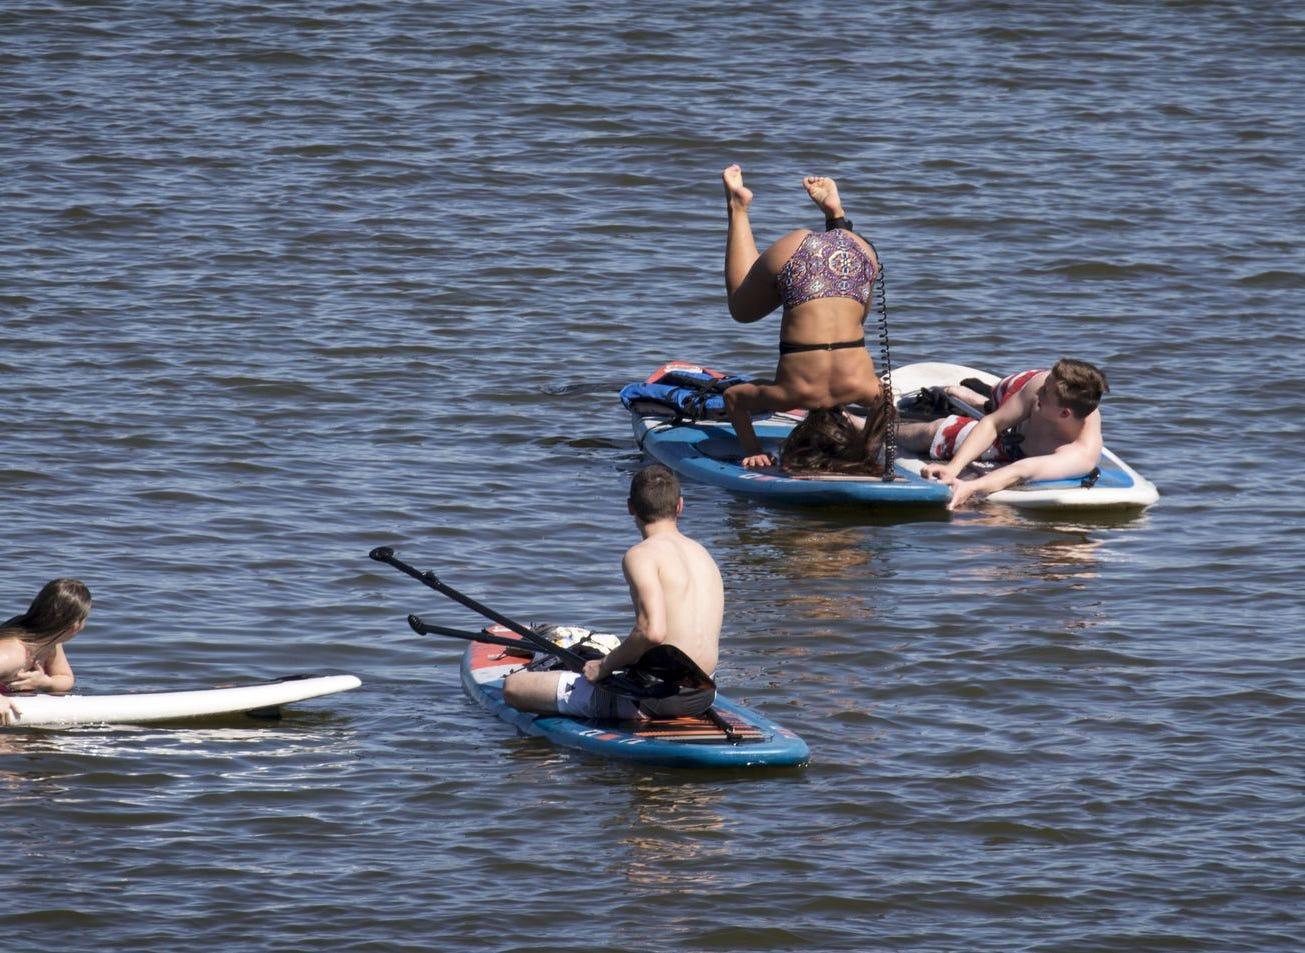 Paddleboarders disfrutan del clima el 8 de abril de 2019, en el lago Tempe Town.